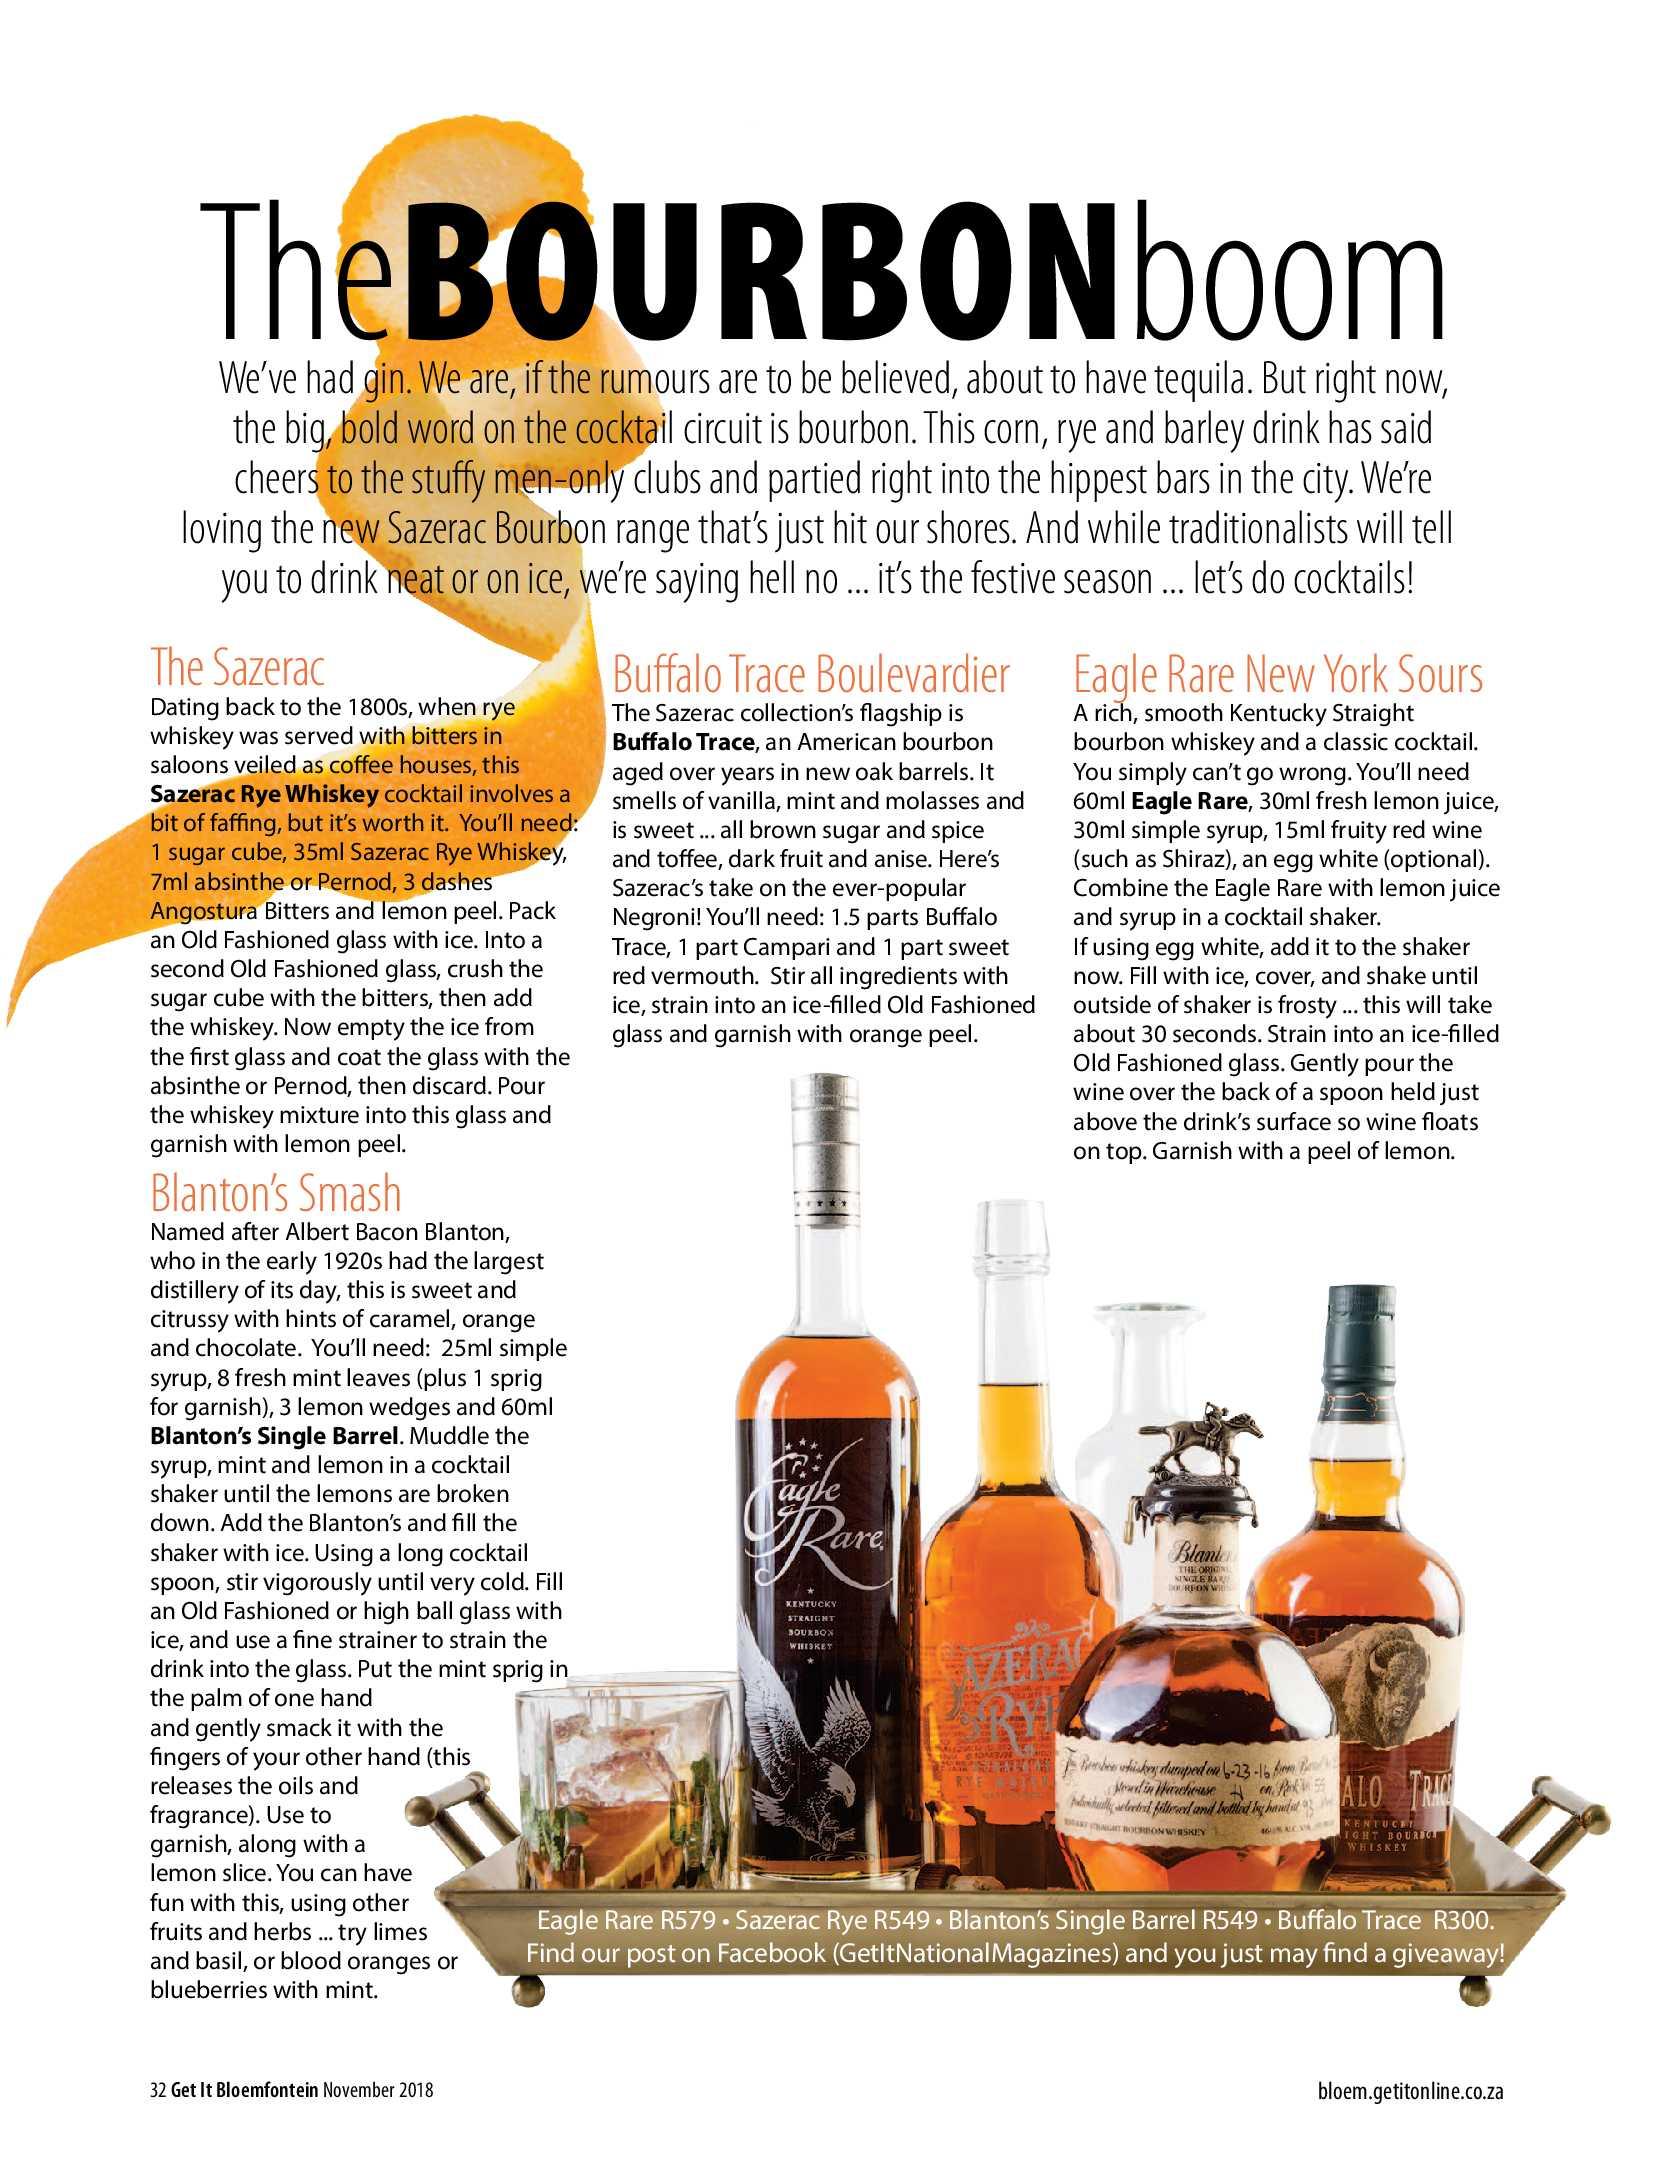 get-bloemfontein-november-2018-epapers-page-34